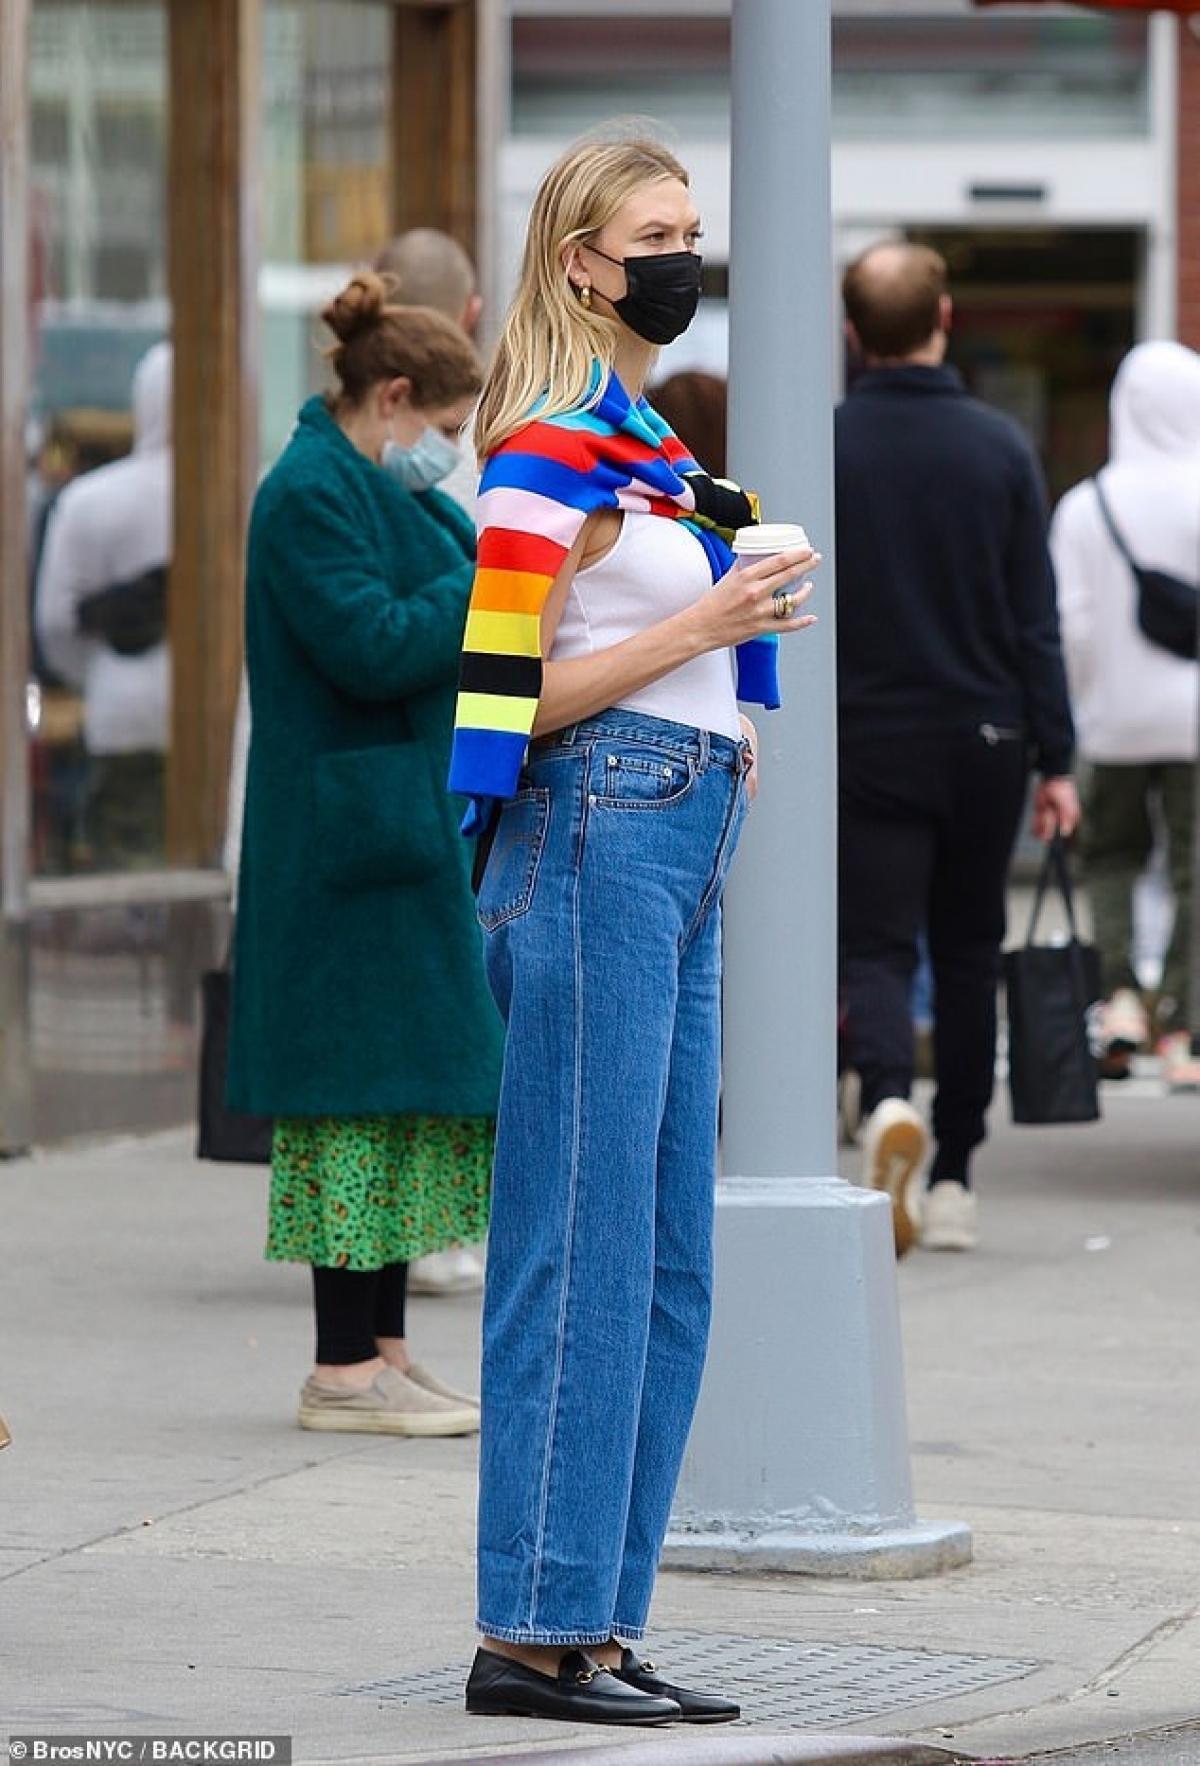 Siêu mẫu Karlie Kloss diện suit thanh lịch đến dự cuộc họp kinh doanh Ảnh 8